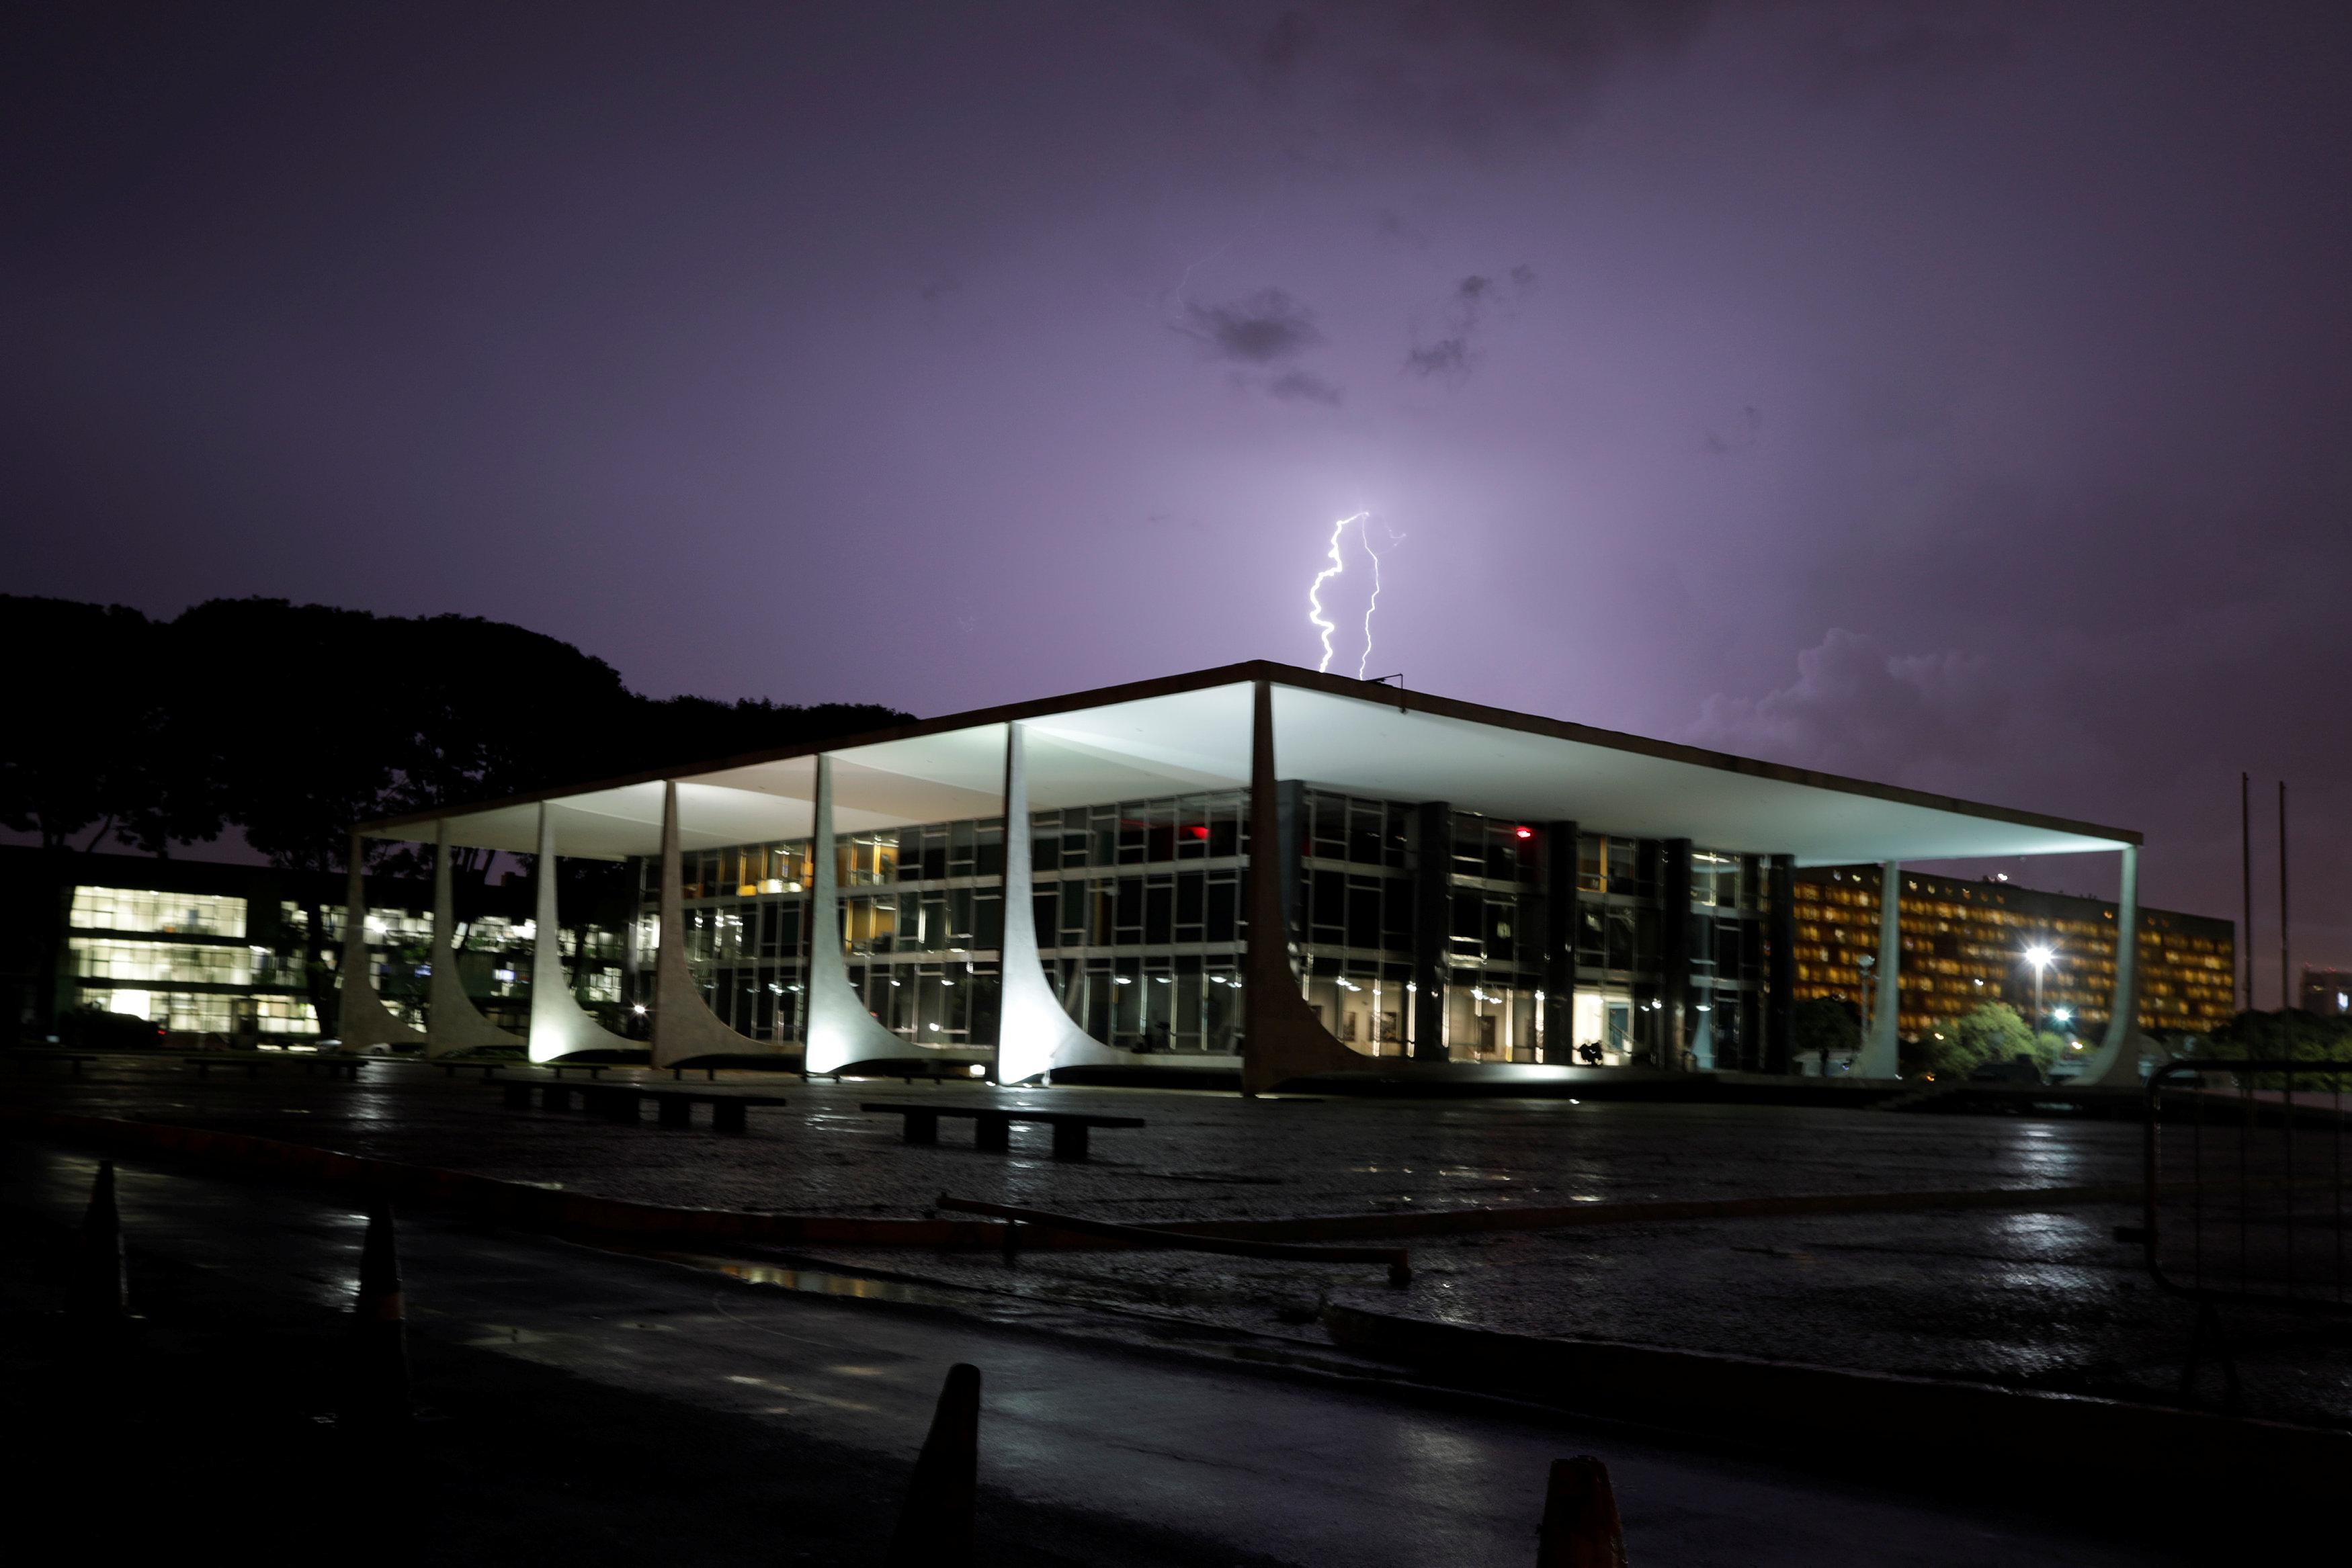 Un rayo golpea el Tribunal Supremo en Brasilia un día antes de la decisión sobre el pedido de habeas corpus de Lula da Silva (Reuters/Ueslei Marcelino)